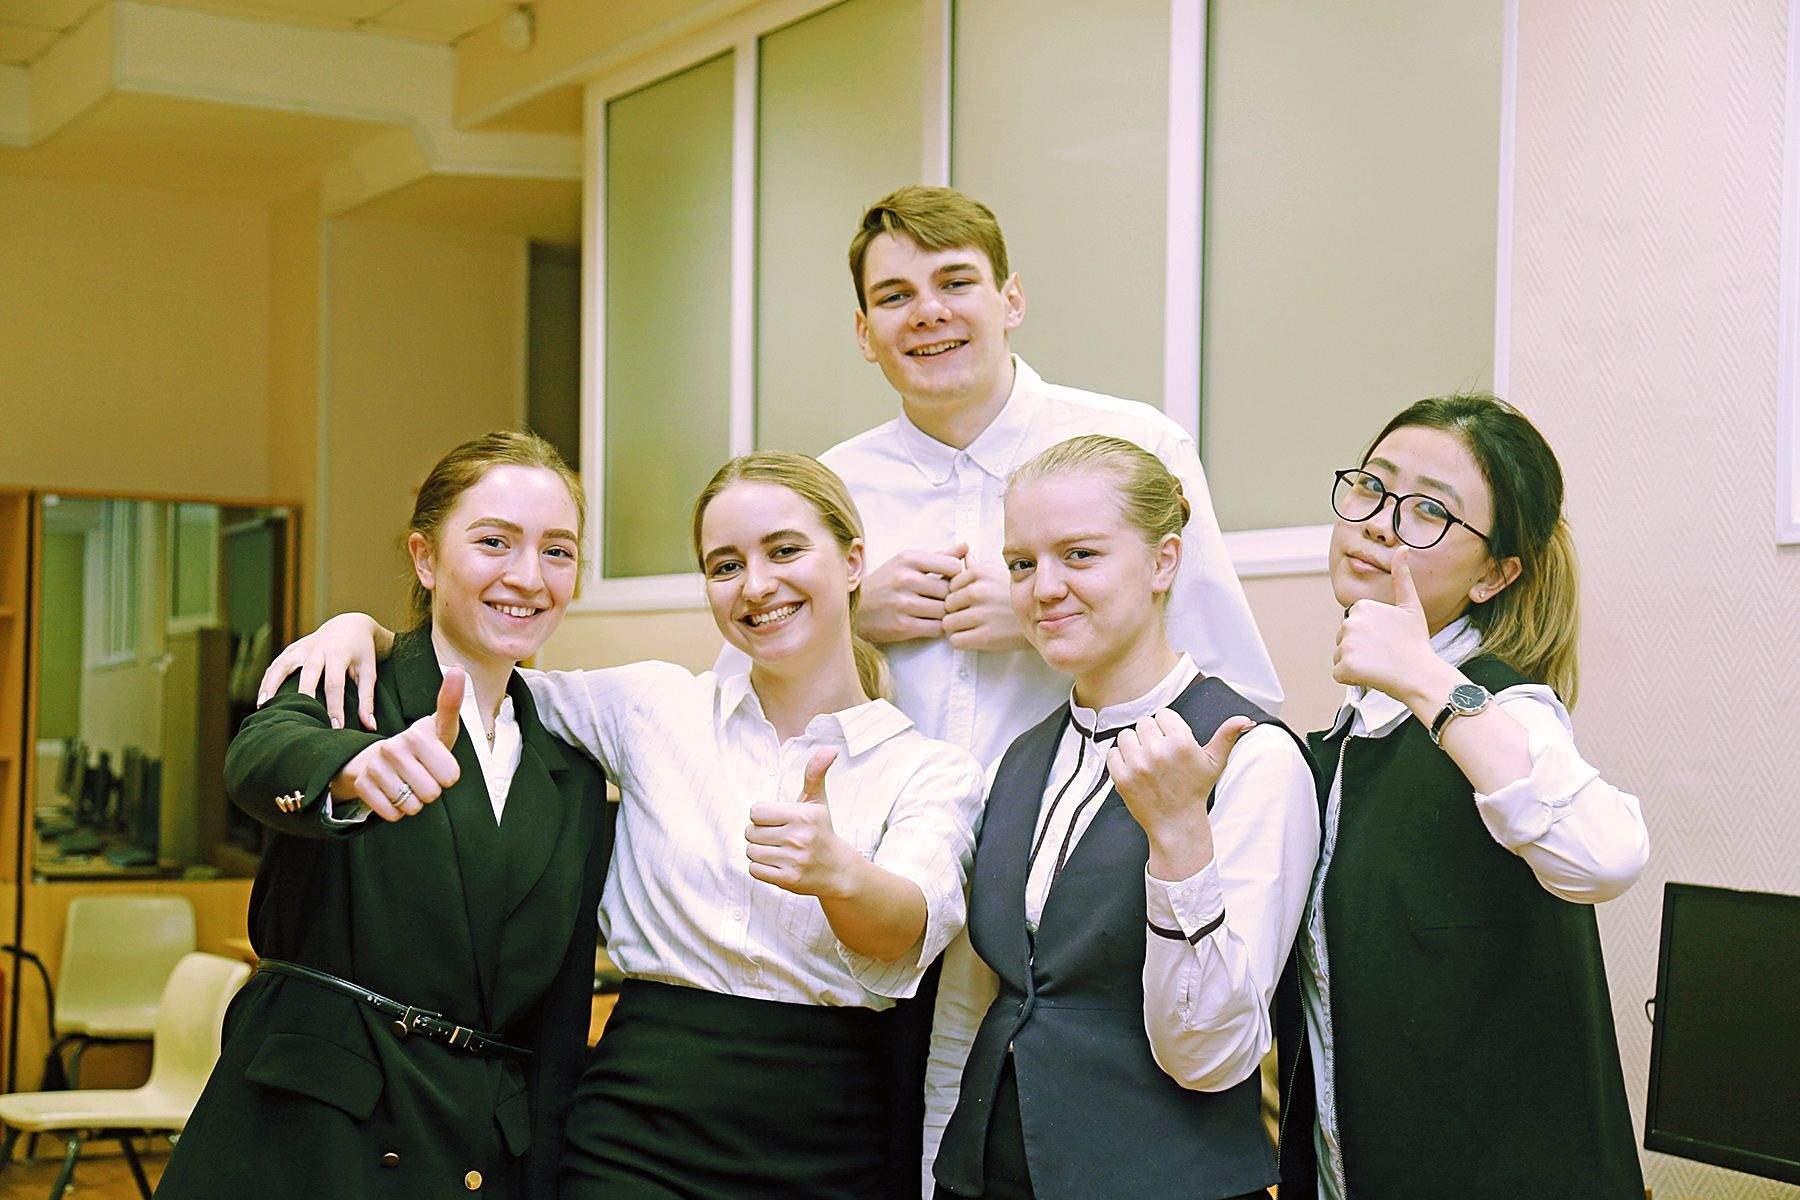 Уровень подтверждён. Студенты Академического колледжа ВГУЭС попали в базу данных молодых профессионалов